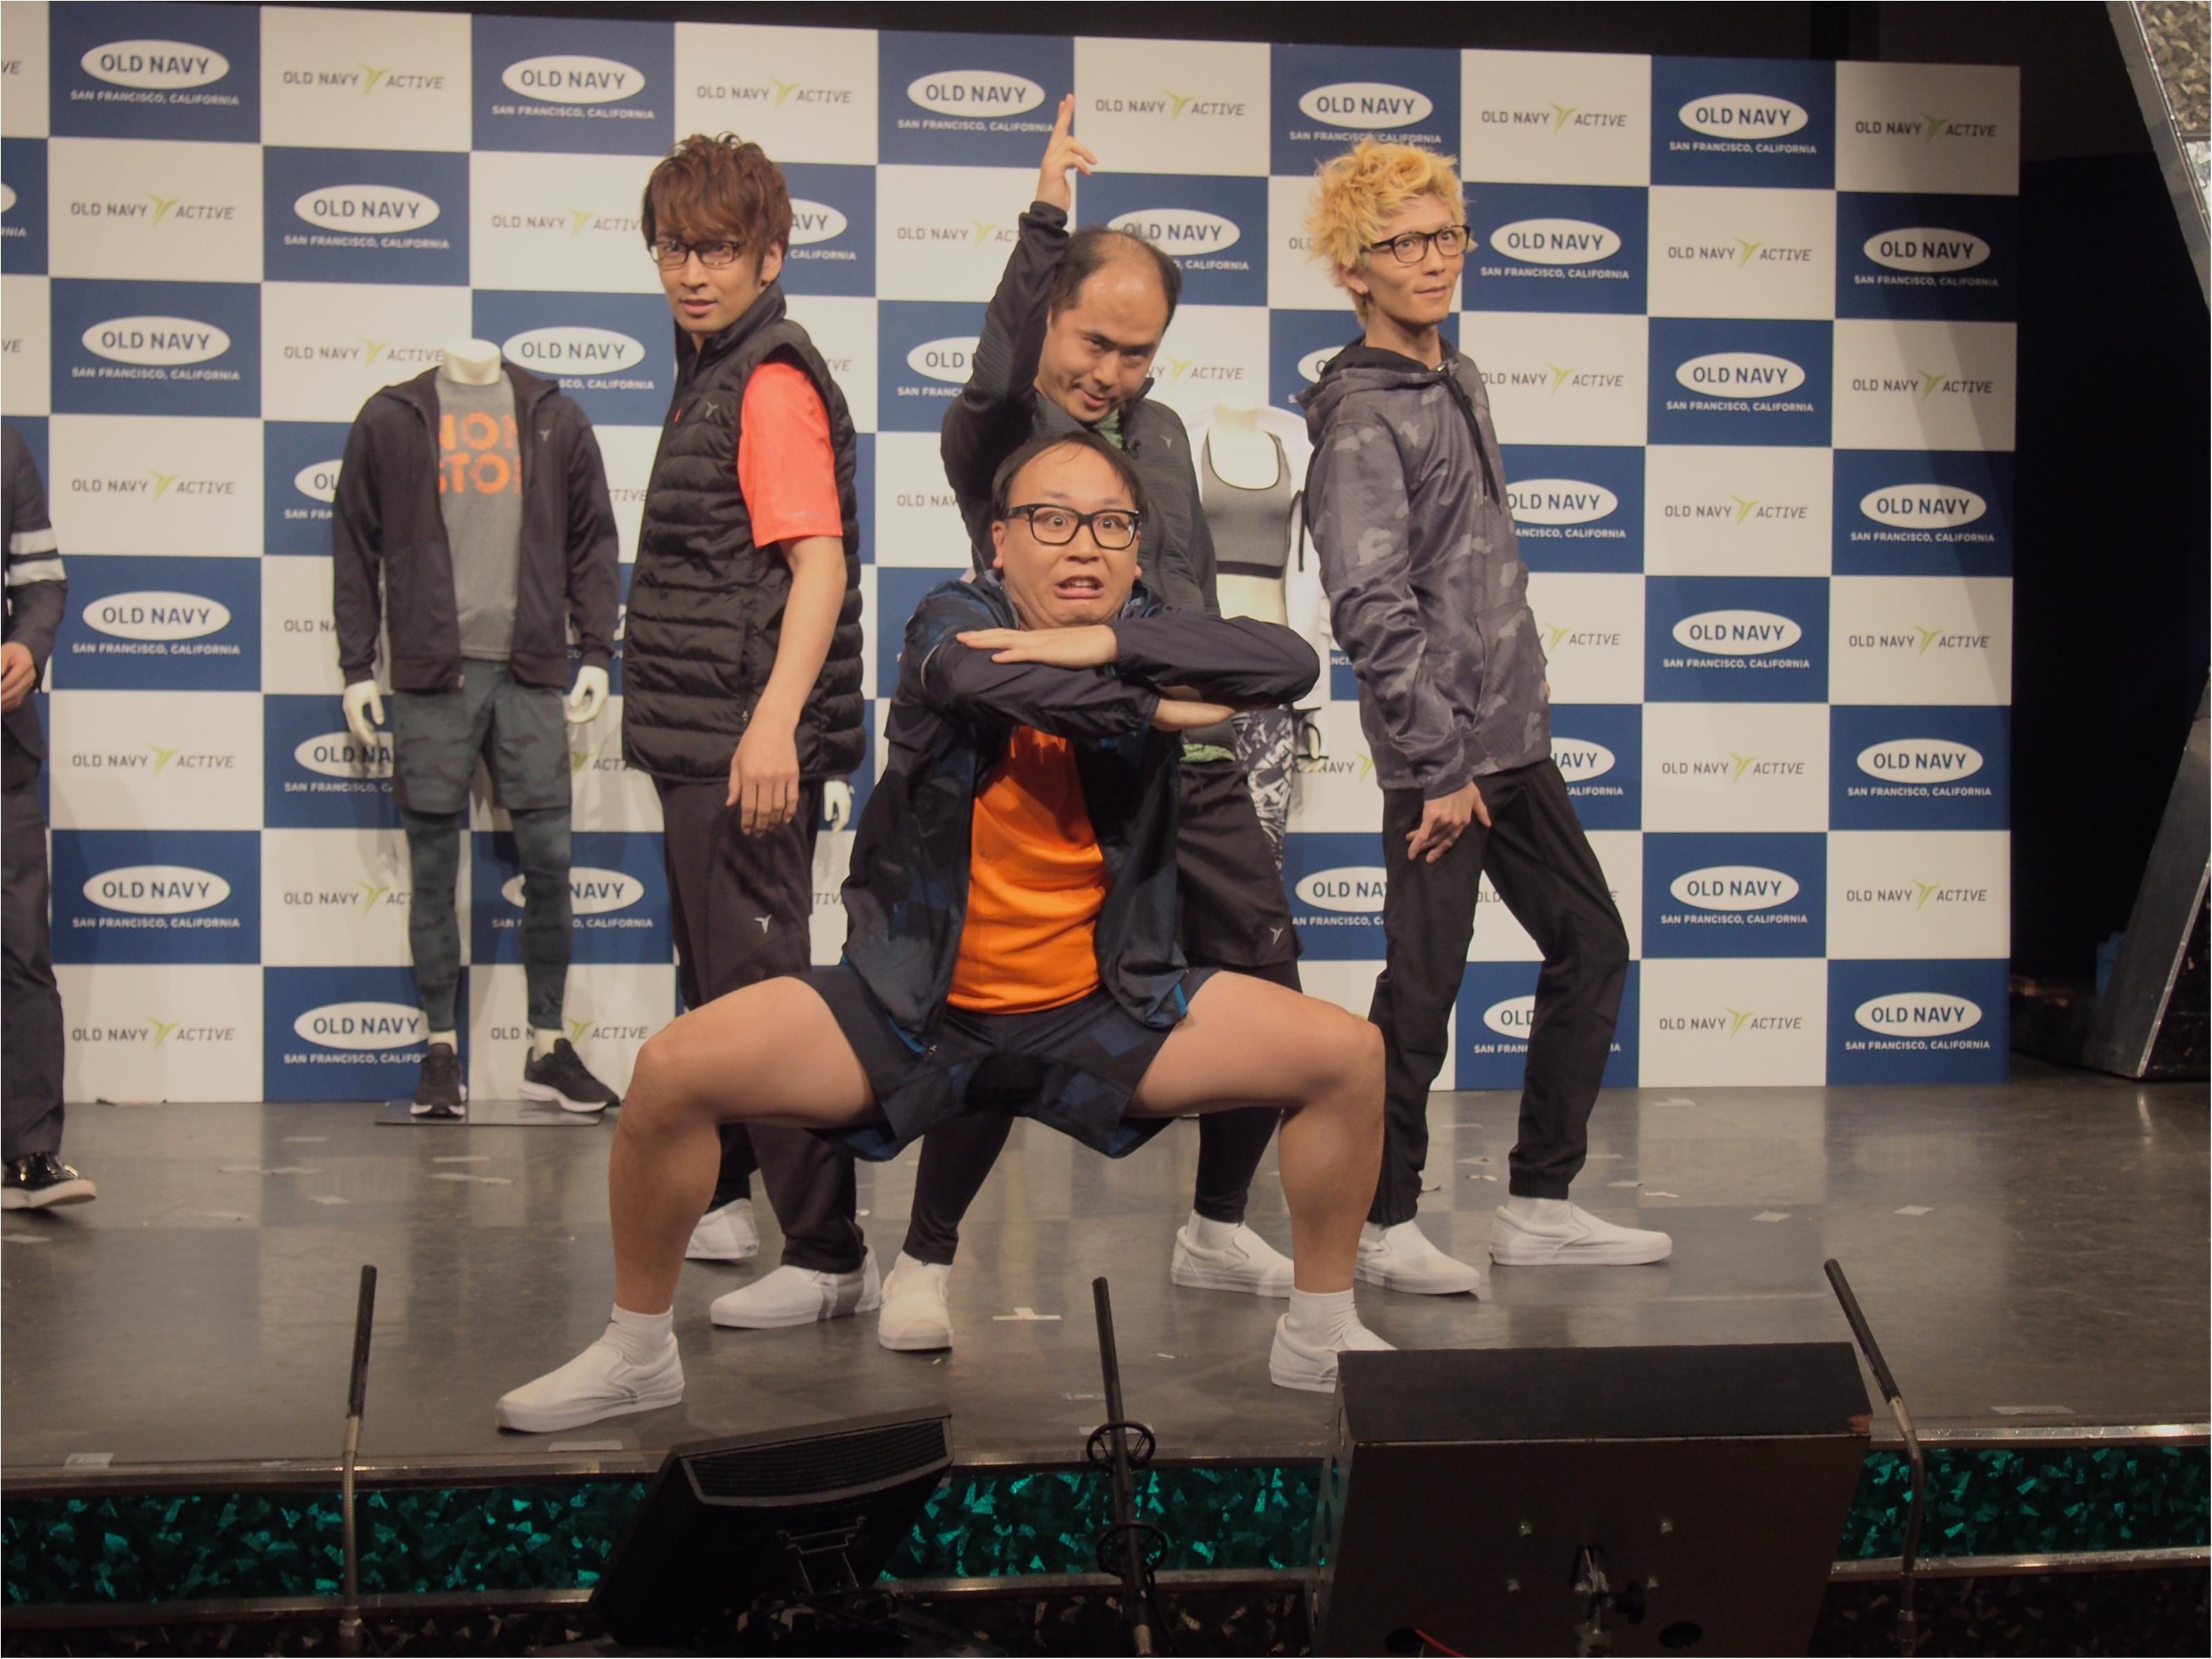 エグスプロージョン&トレンディエンジェルがダンスで魅せる! 『OLD NAVY』アクティブウェアが日本初上陸☆_3